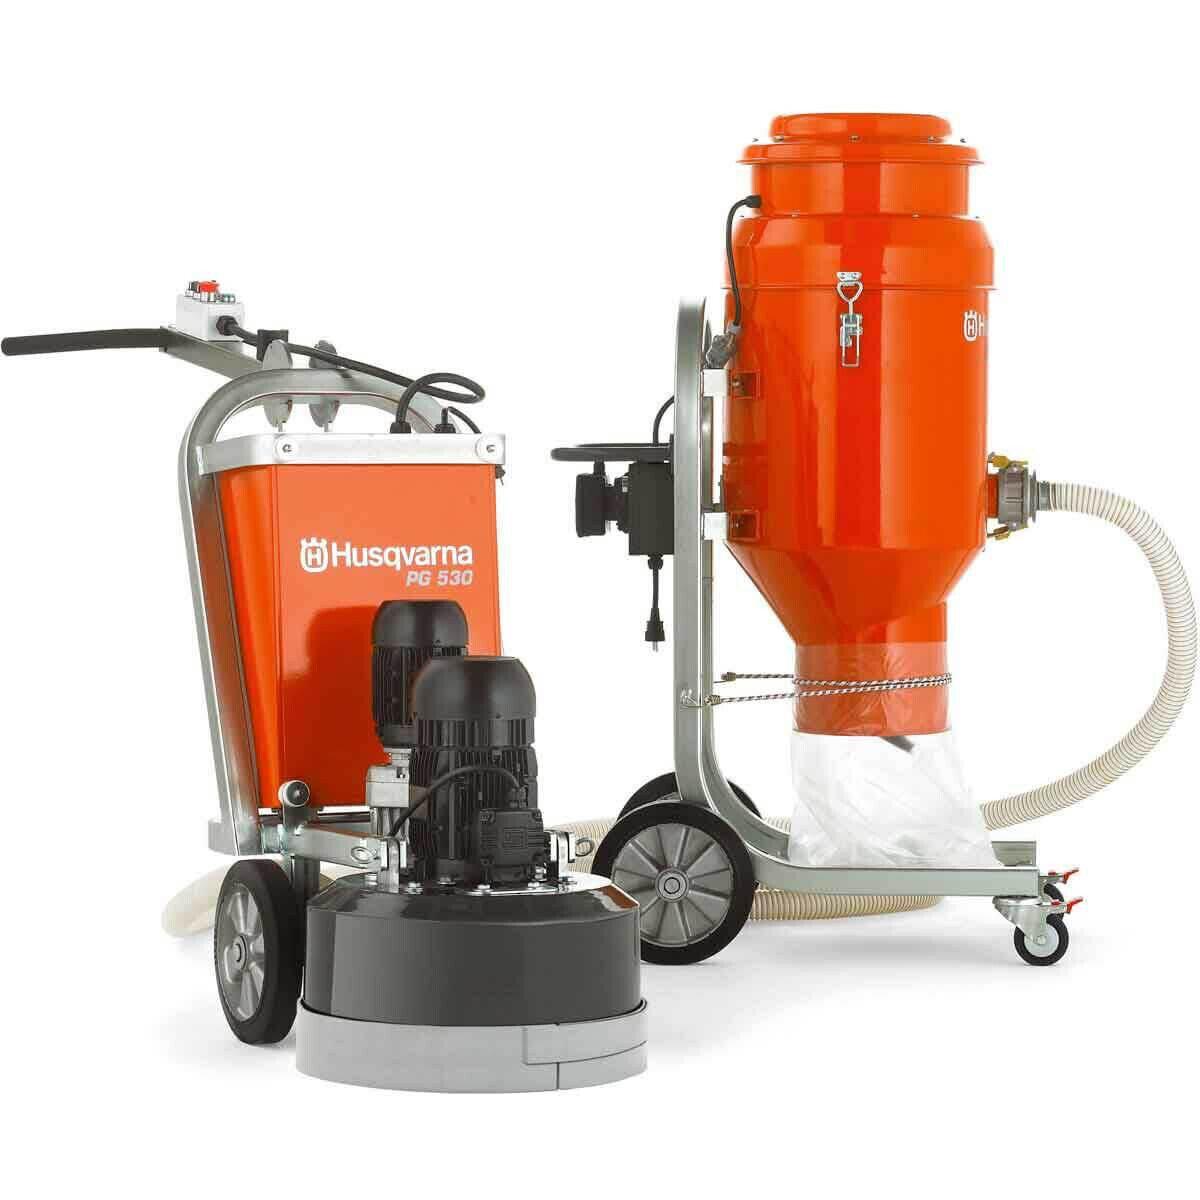 PG 530 Grinder and Vacuum